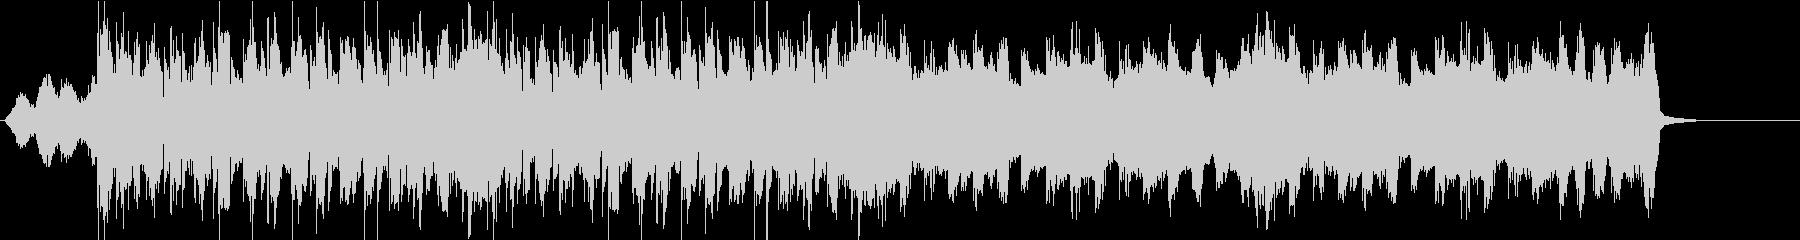 EDM ベースの効いたBGM 39秒の未再生の波形